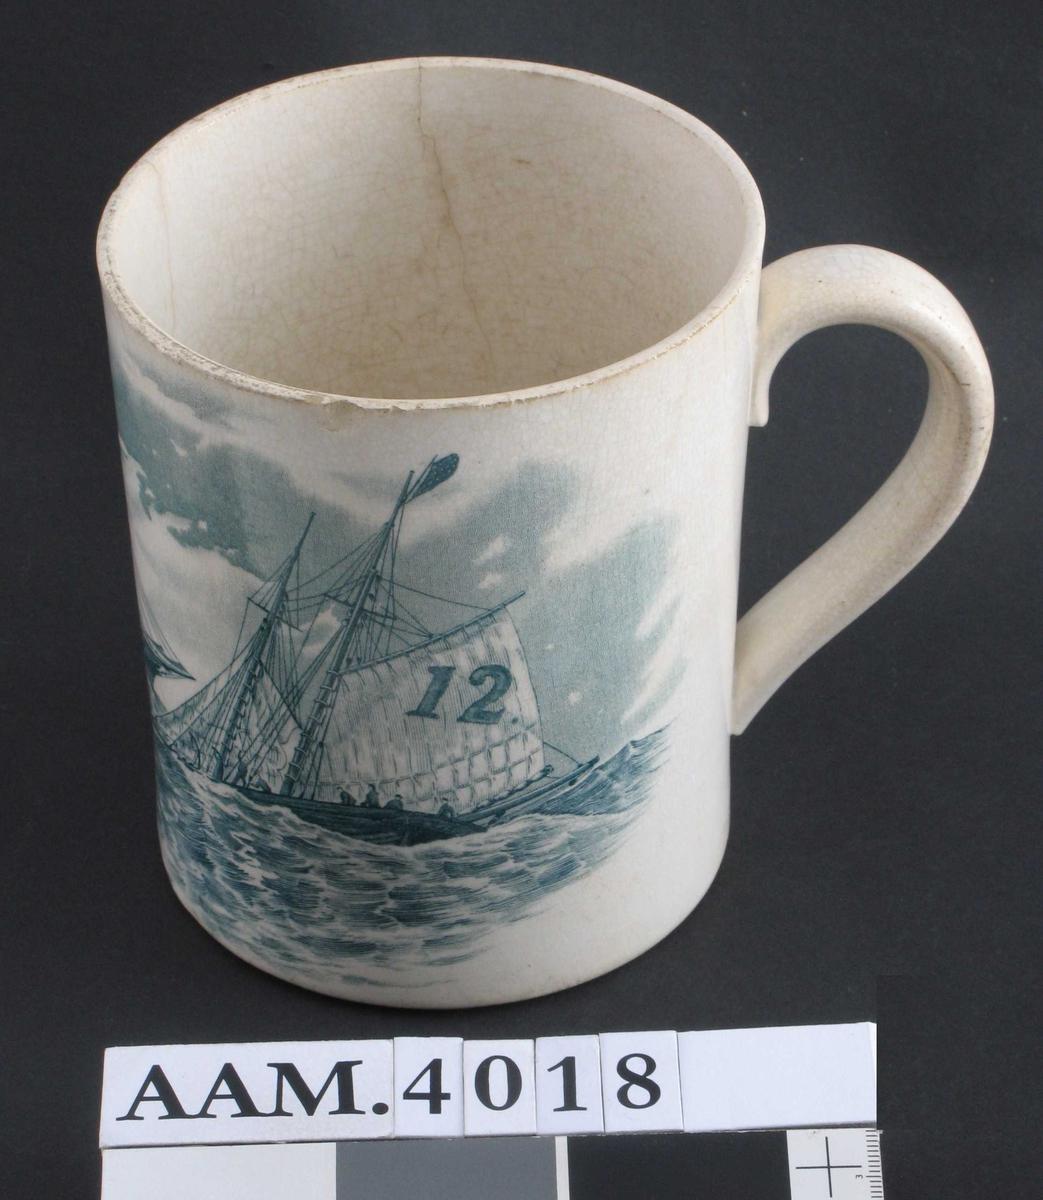 I blågrønn  glasur  et sjøstykke med en dampbåt tv. og en seilskute th. med det  amerikanske flagg og merket 12 på seilene.